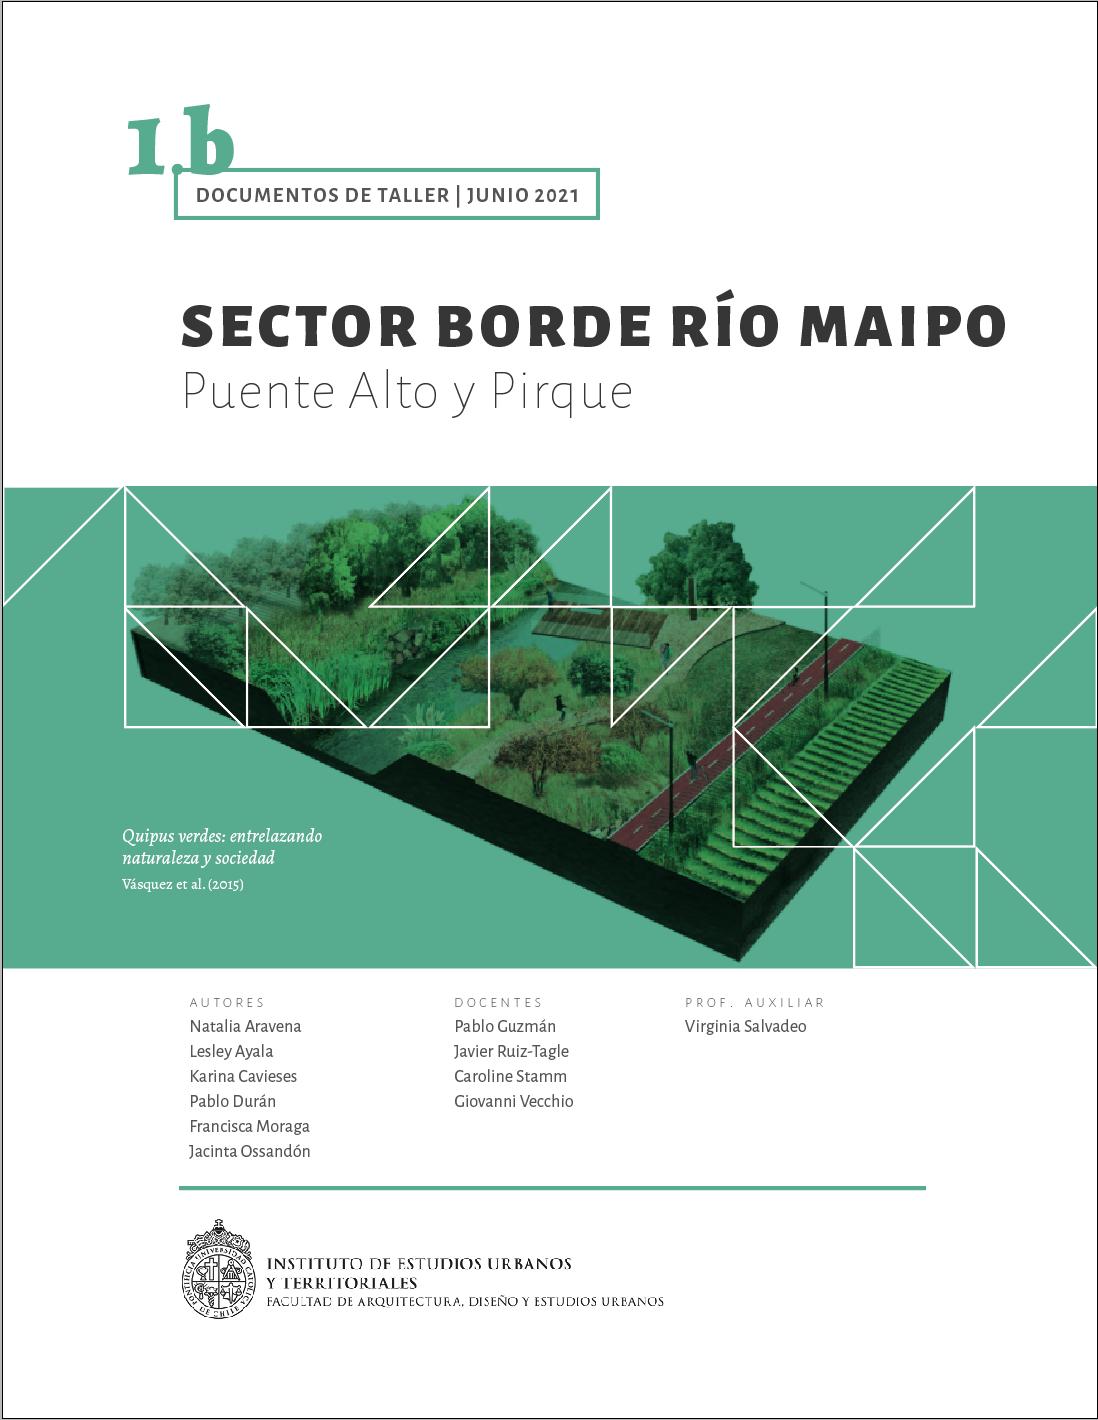 1b. Sector Borde Río Maipo | Puente Alto y Pirque